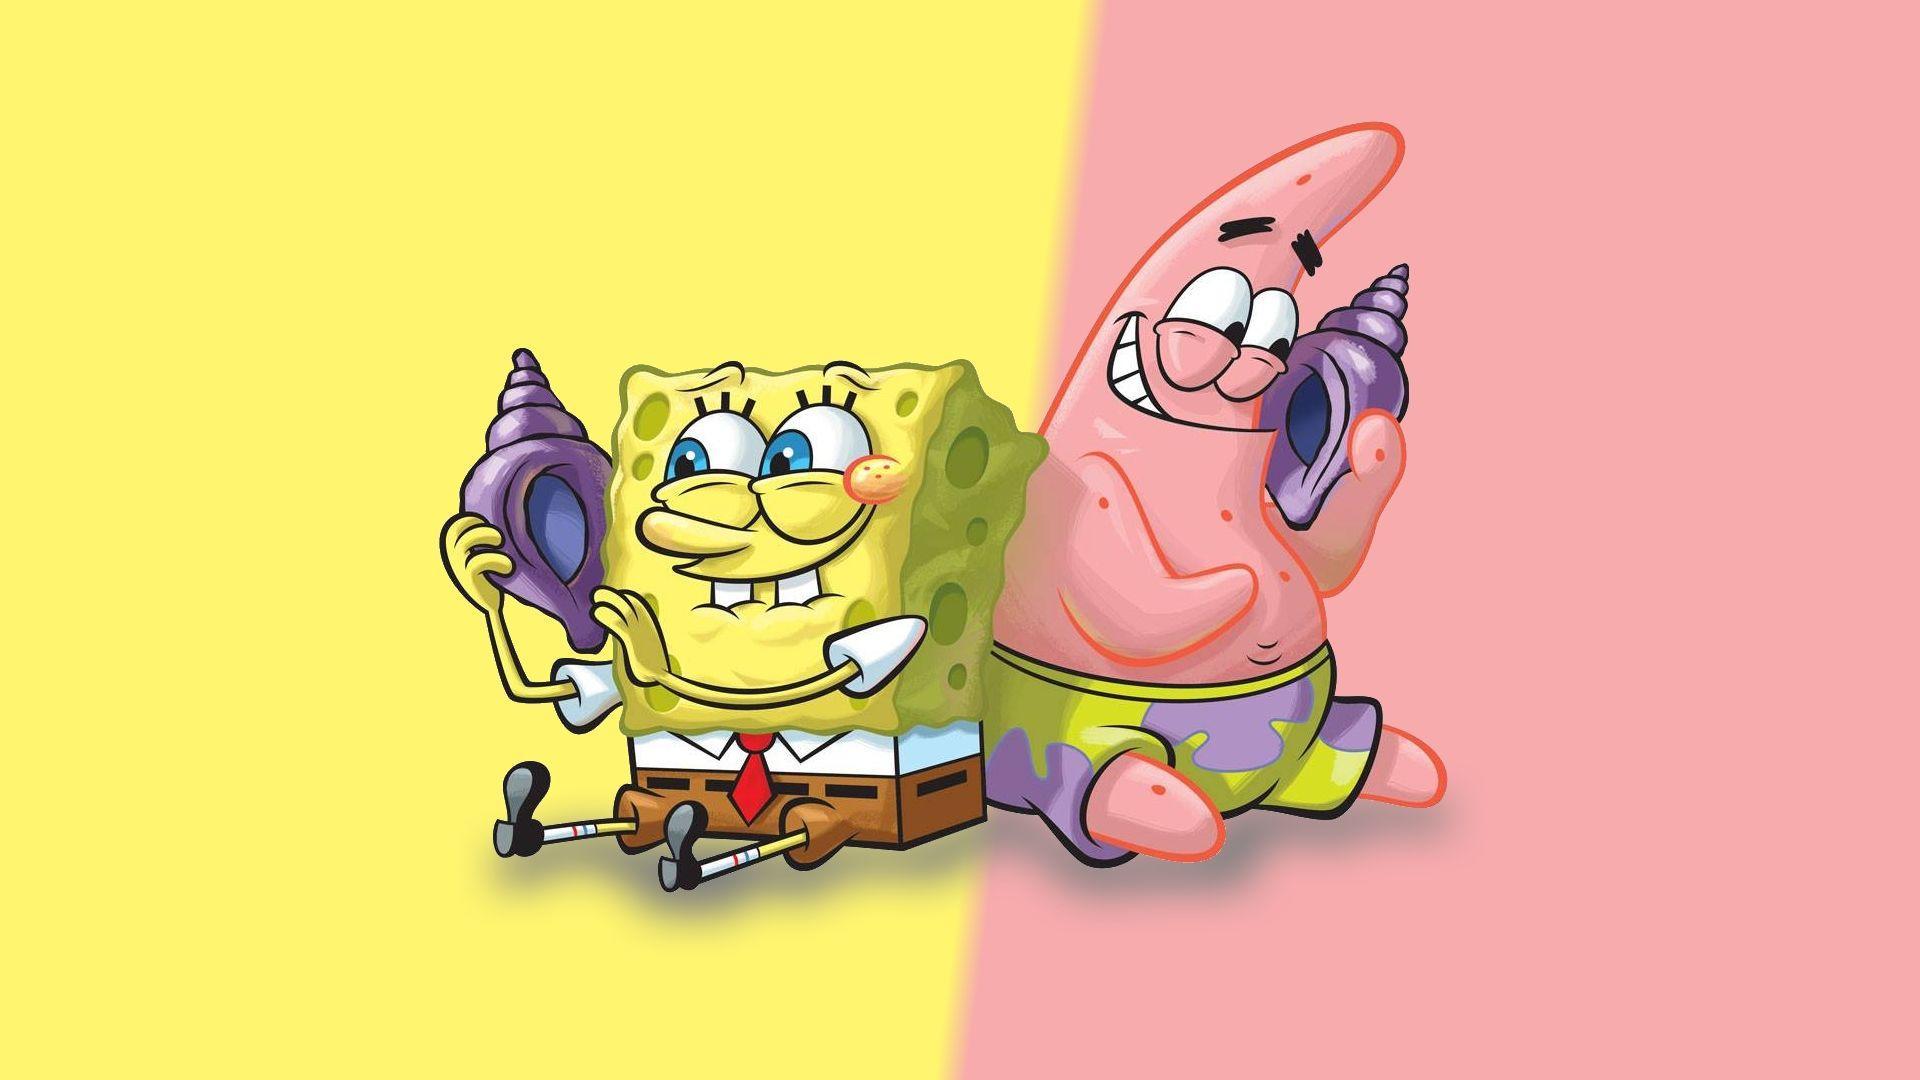 Spongebob Desktop Wallpapers Top Free Spongebob Desktop